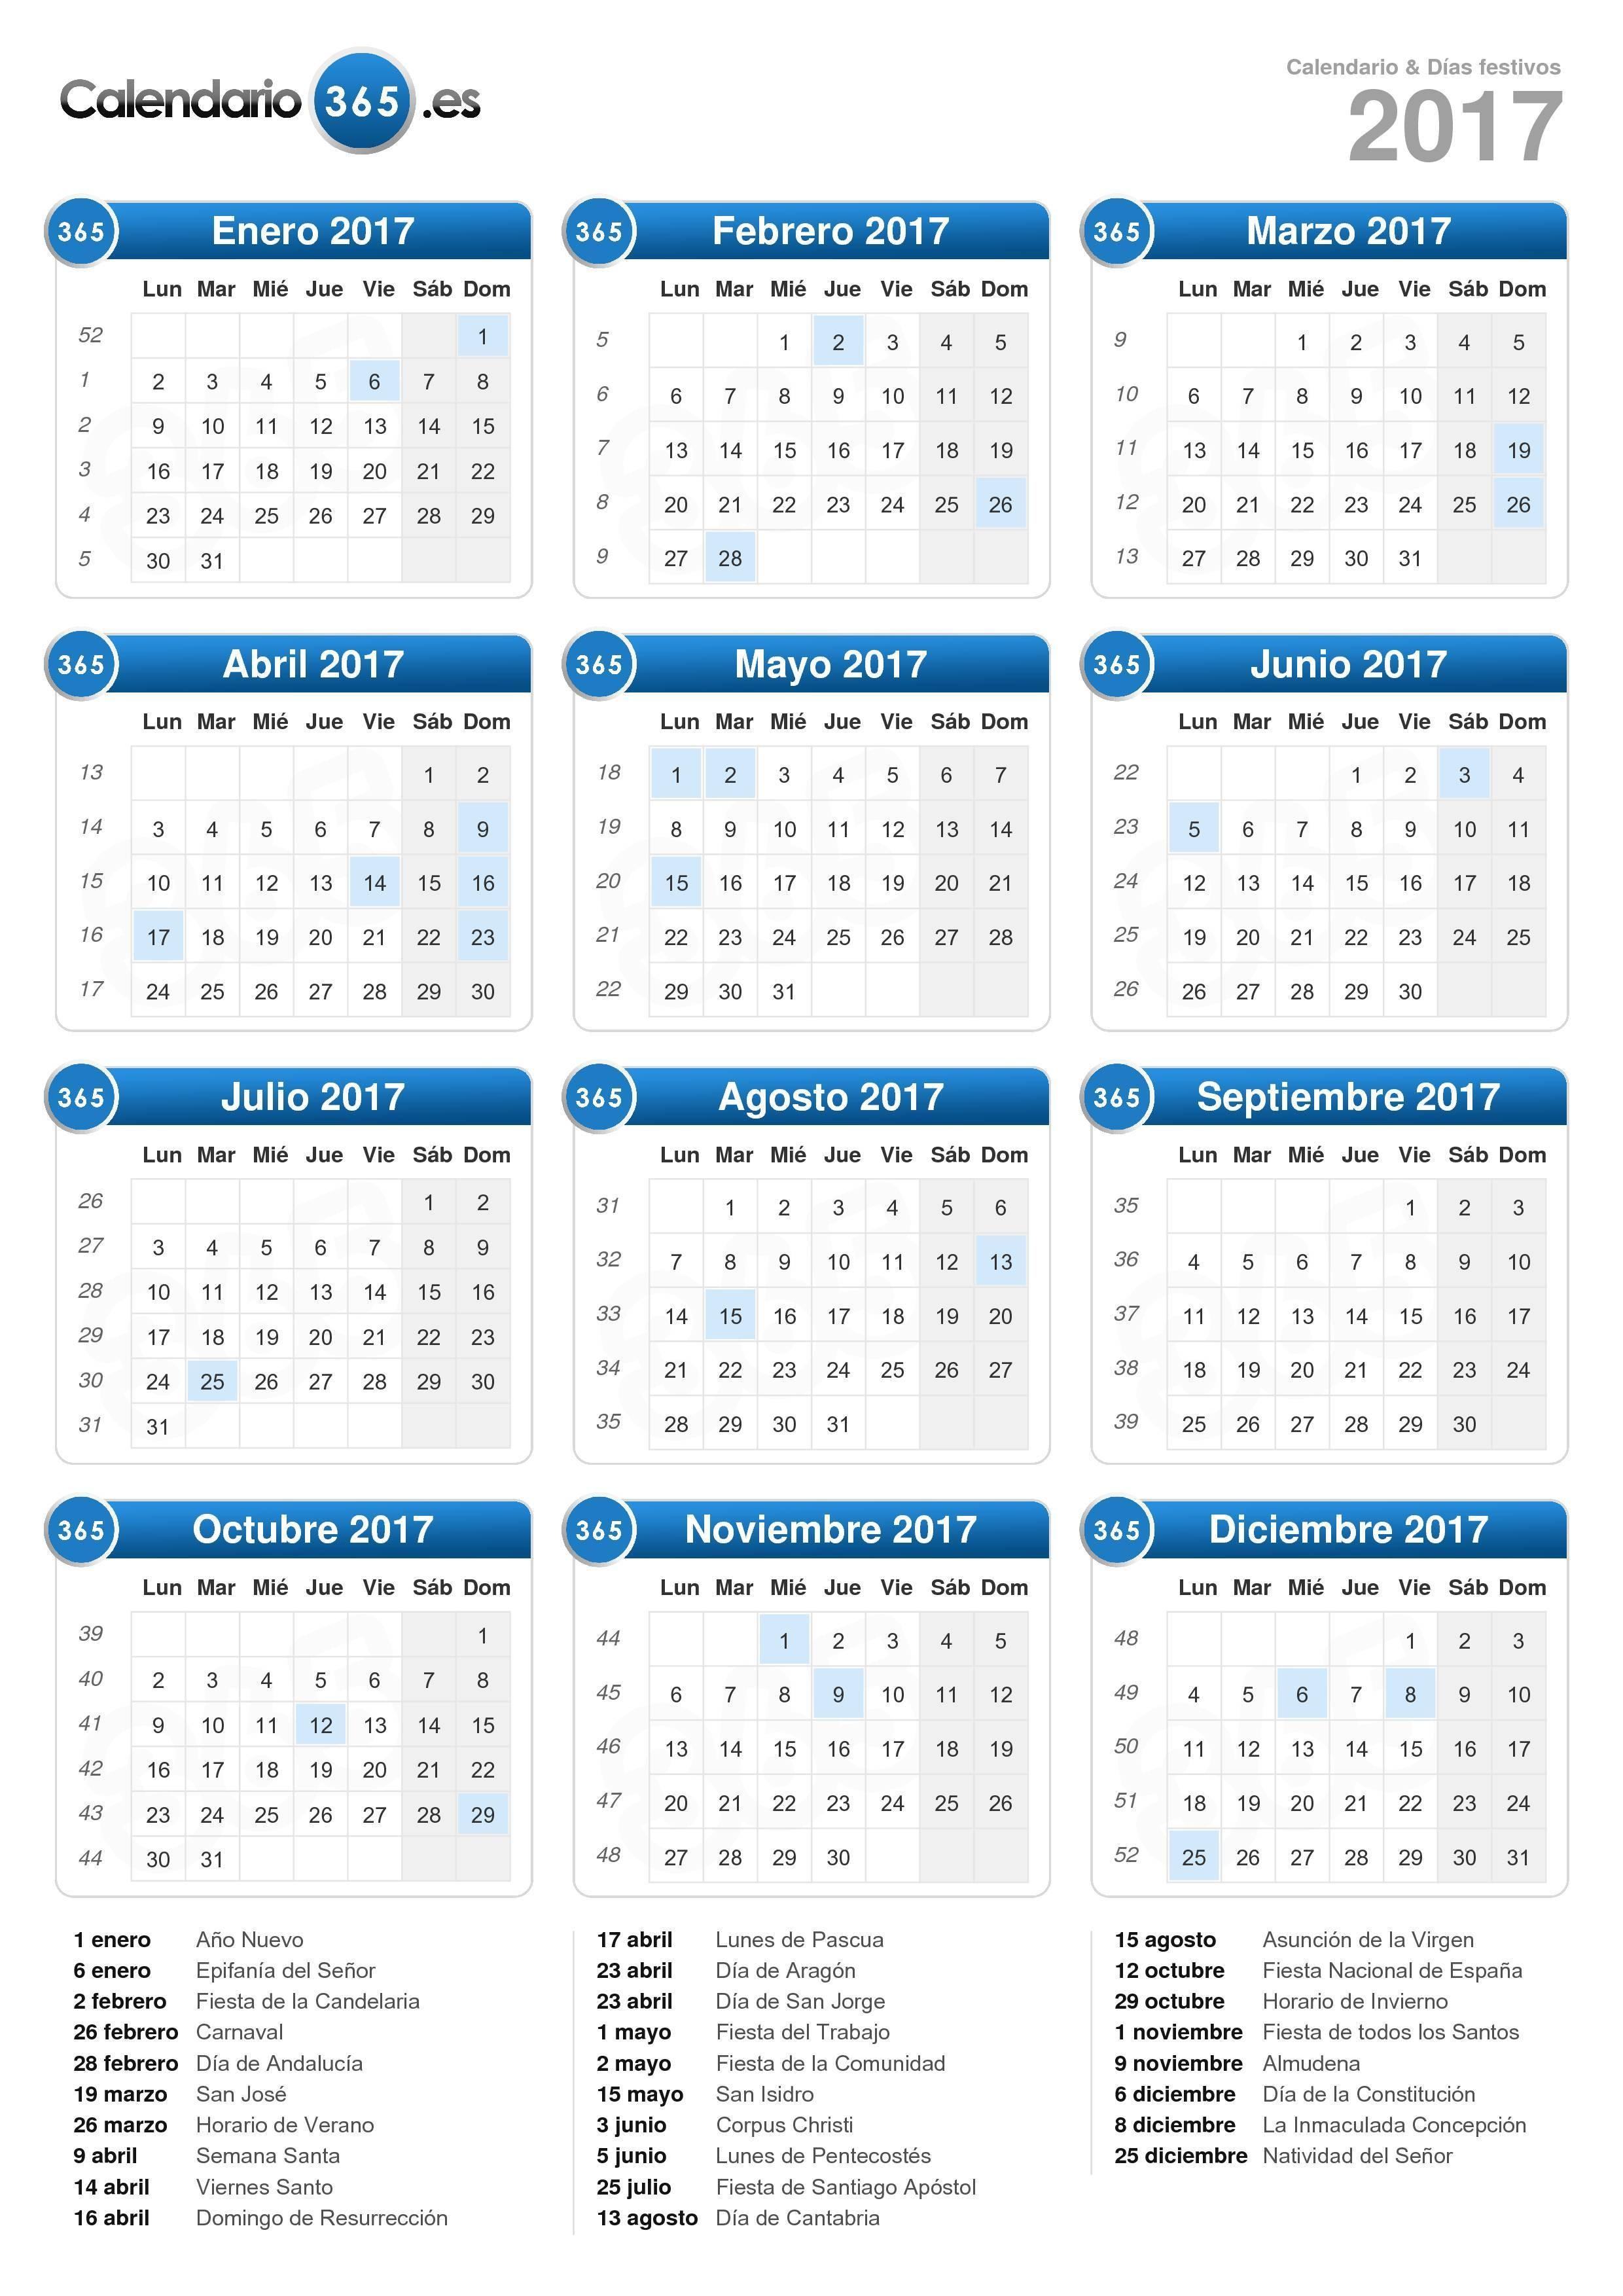 calendario 2017 formato vertical